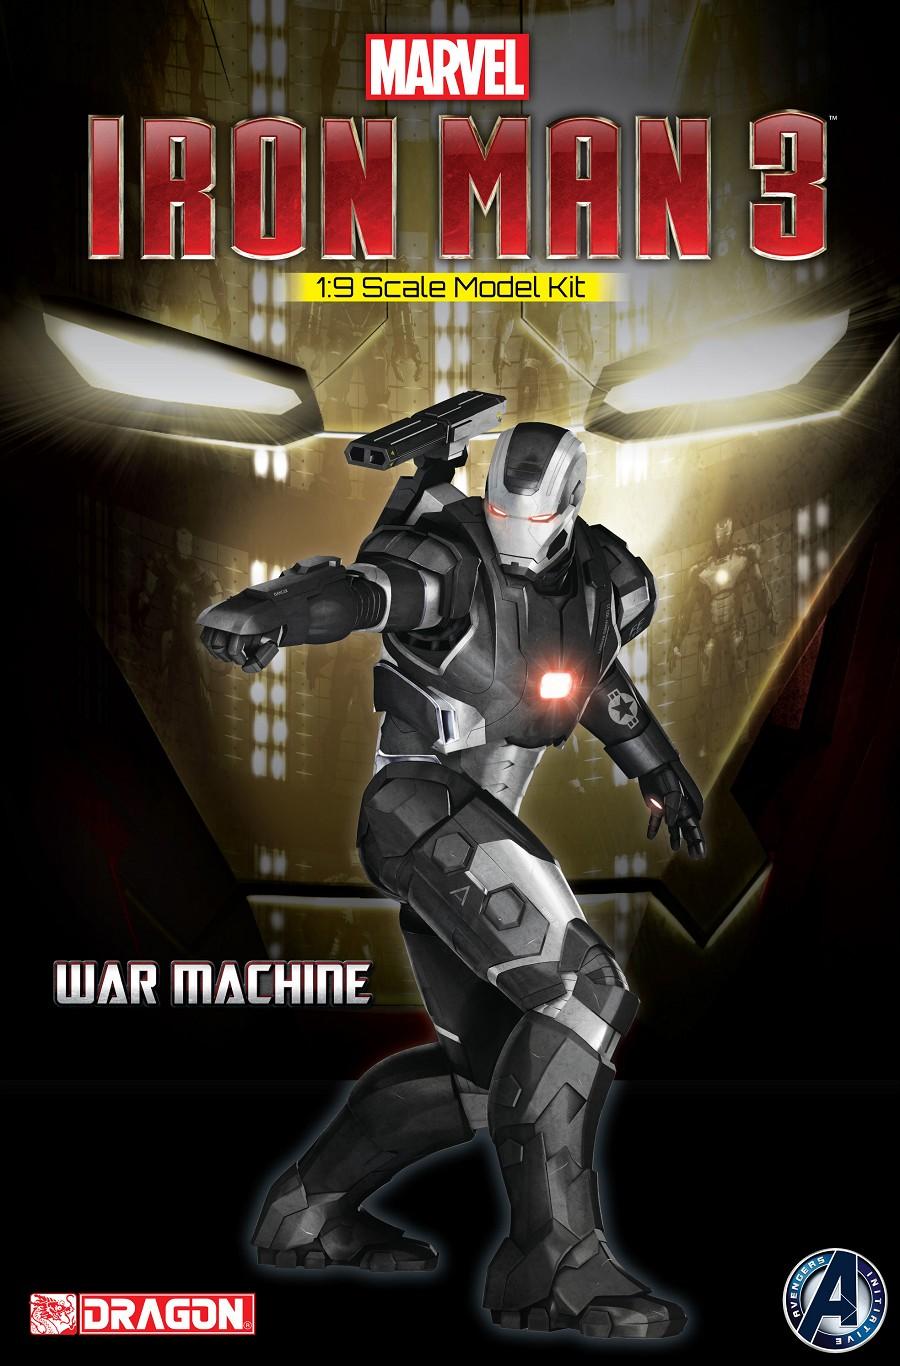 Iron Man - War Machine model kit